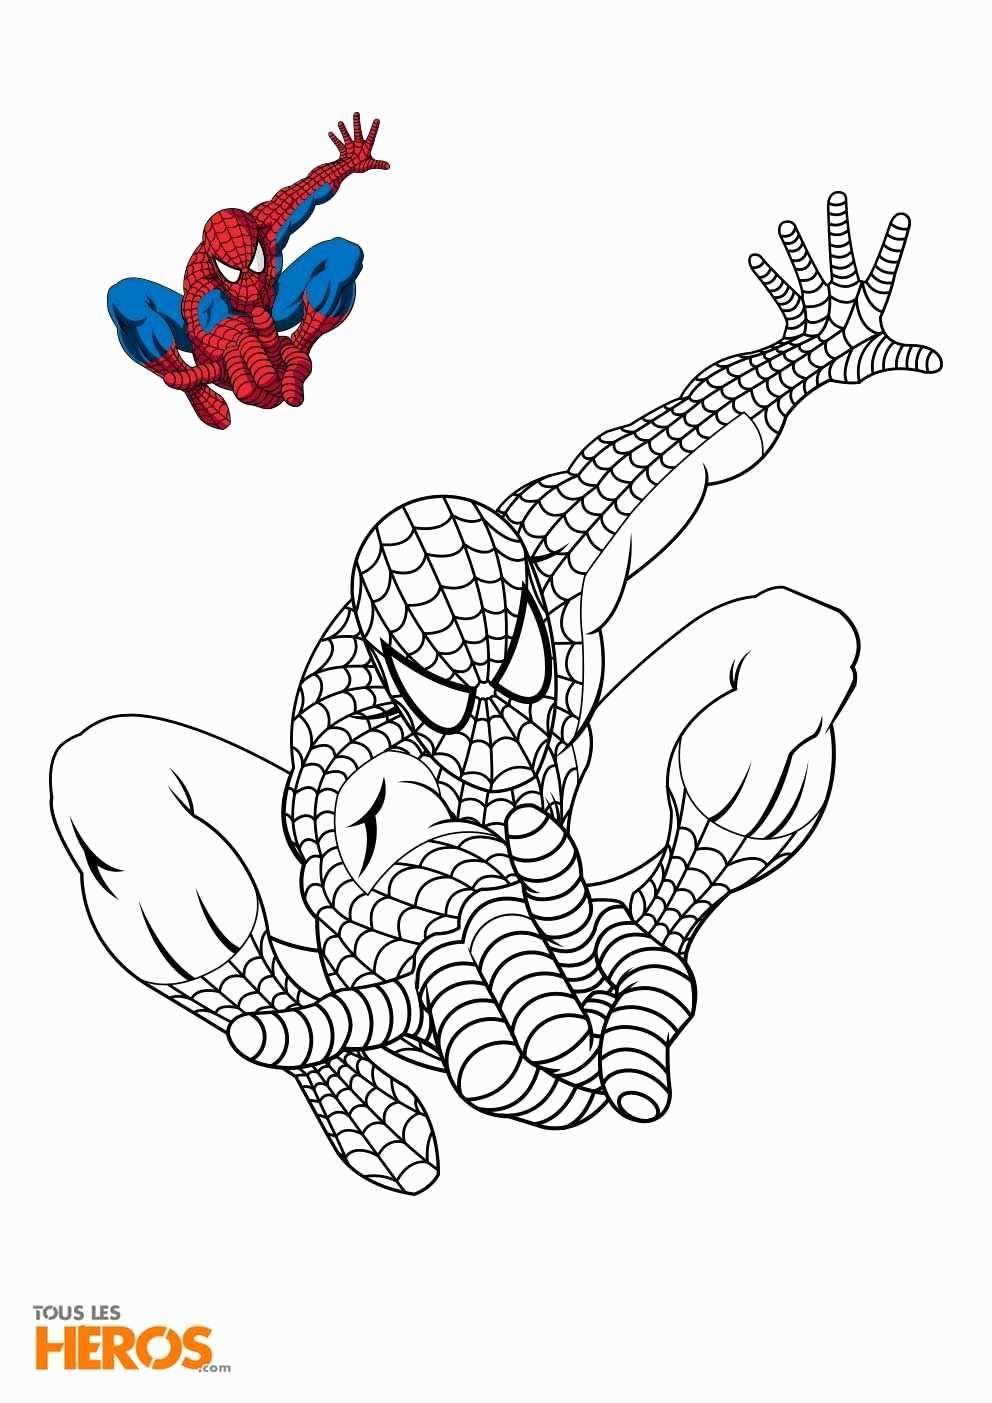 Coloriage Spiderman Gratuit Beau Coloriage Magique dedans Coloriage De Spiderman